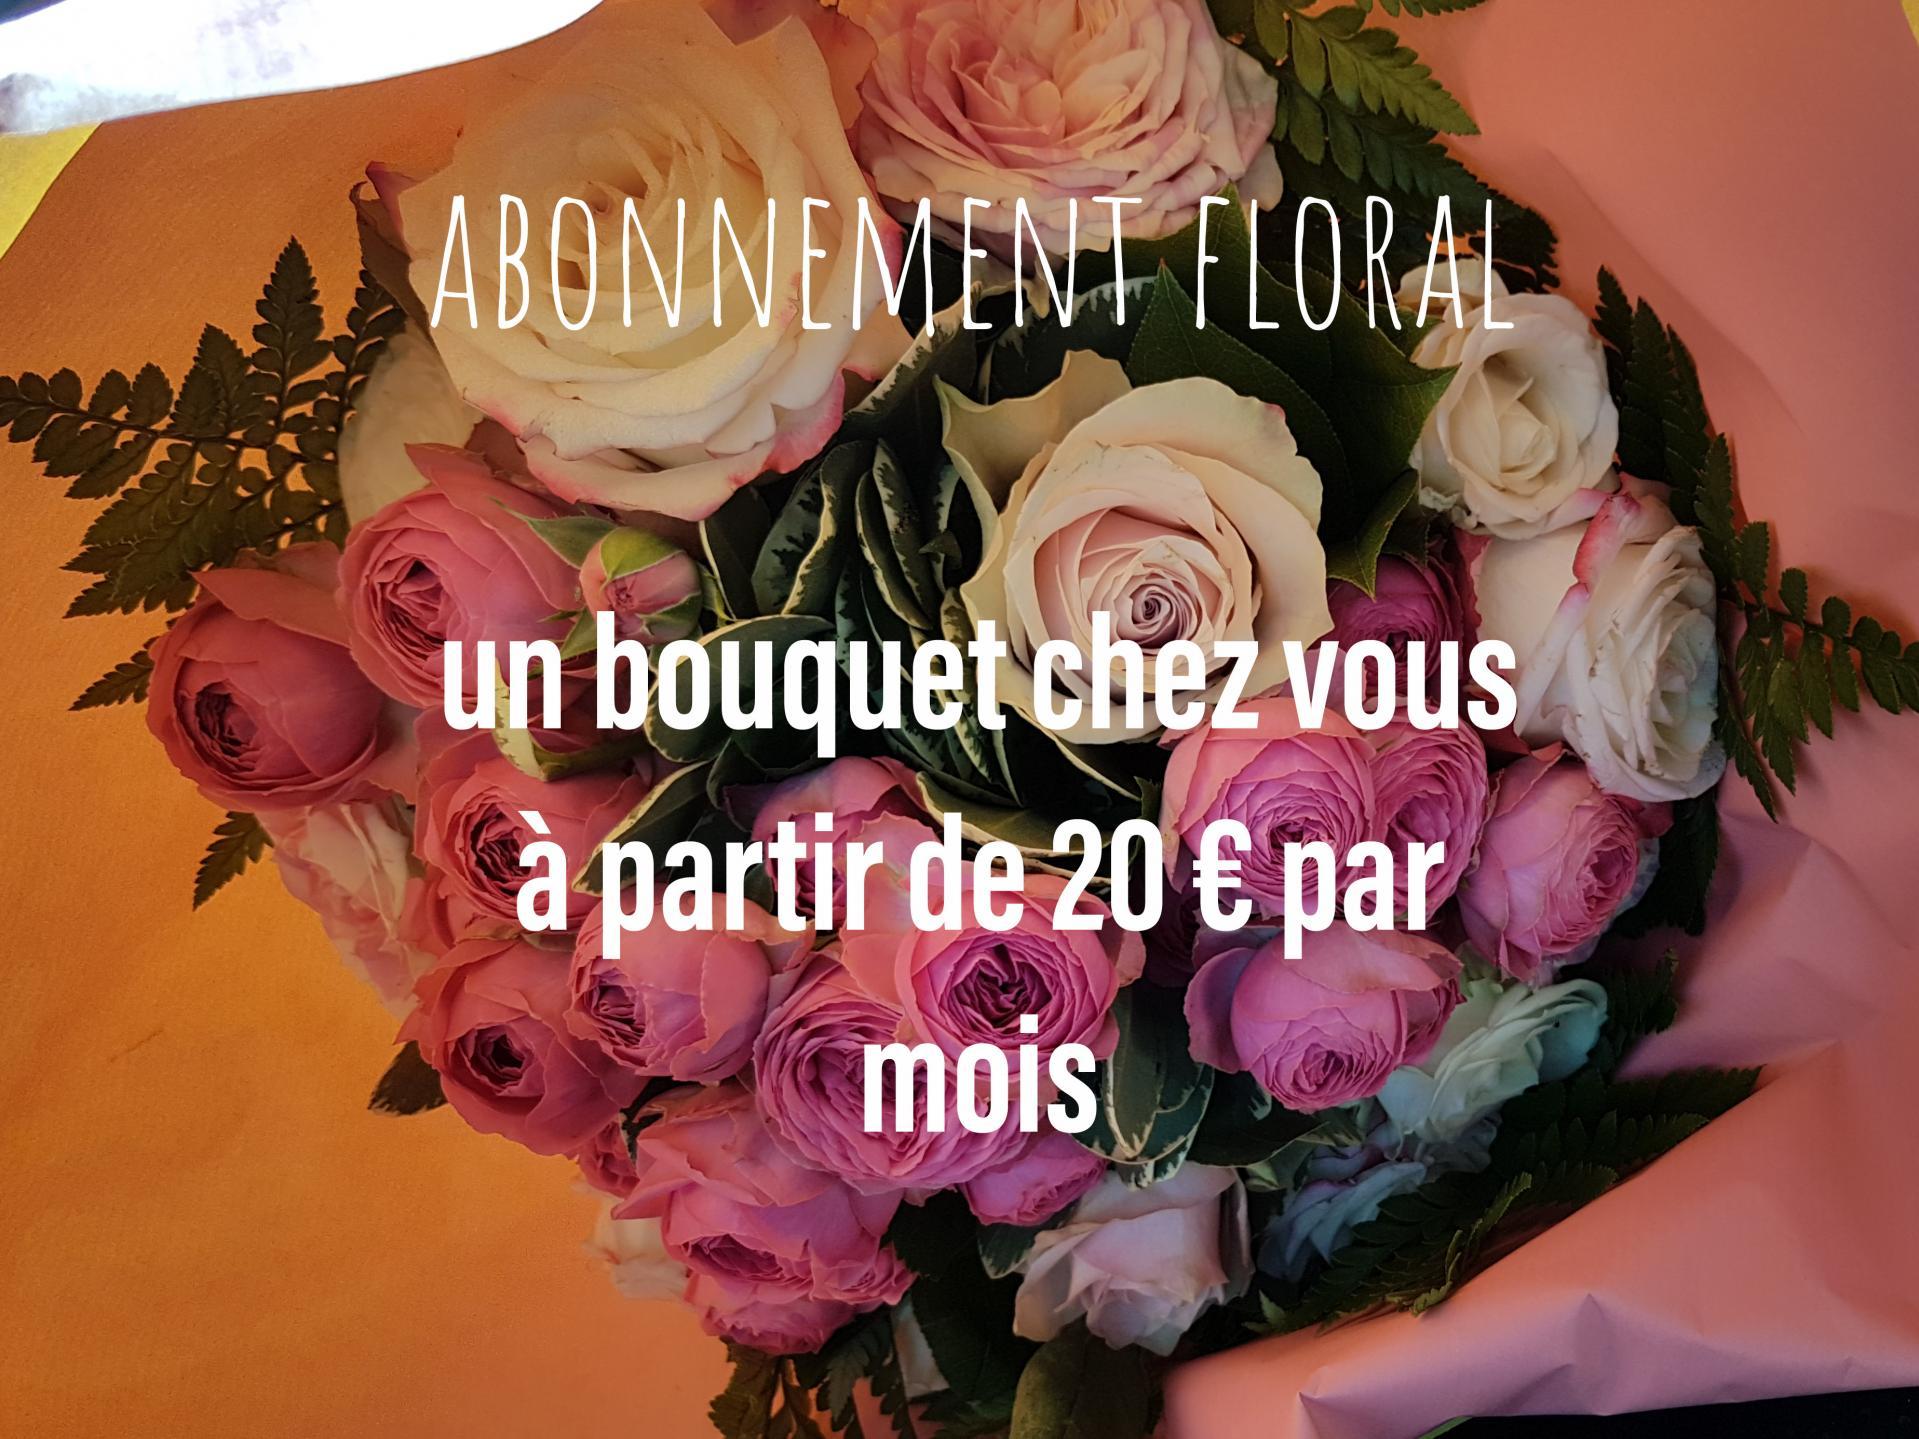 Abonnement floral fleuriste Hé fleur et moi fleuriste de Valenciennes bouquet